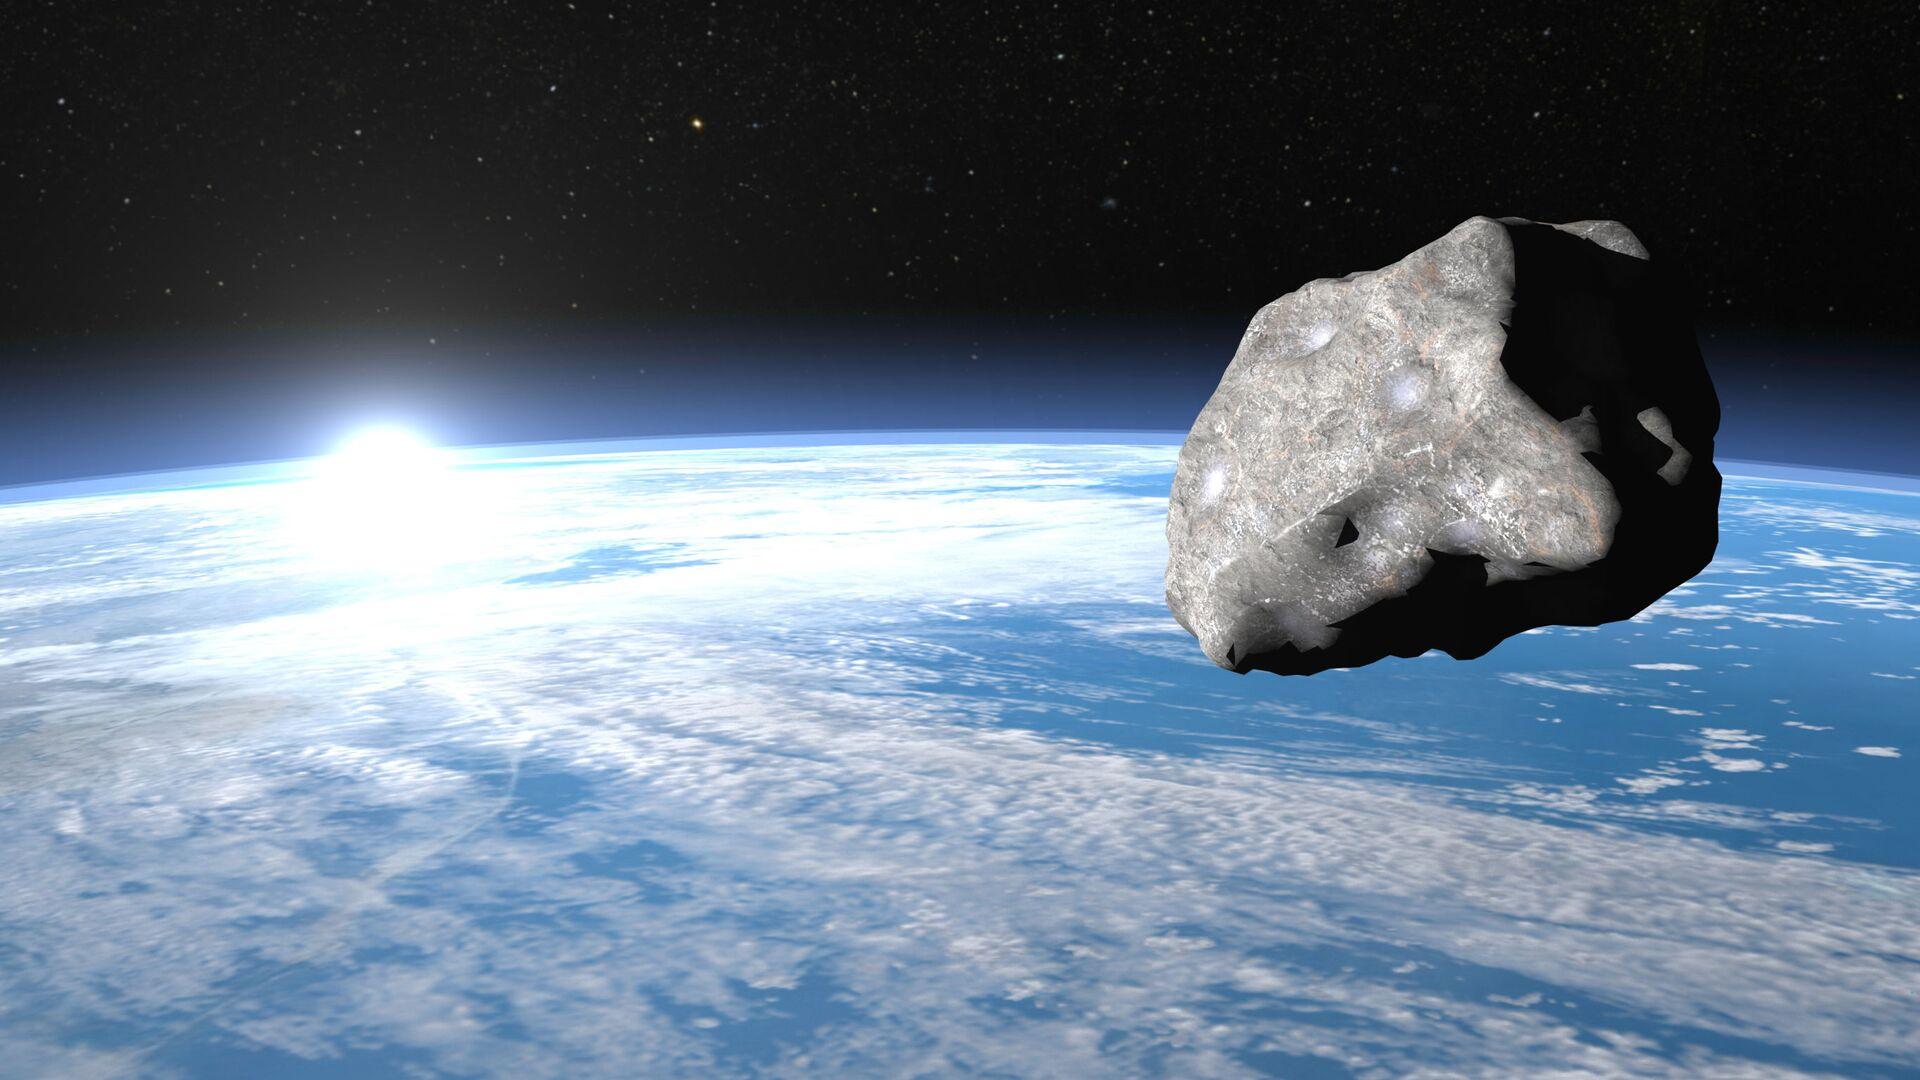 Asteroid v blízkosti Země - Sputnik Česká republika, 1920, 11.09.2021